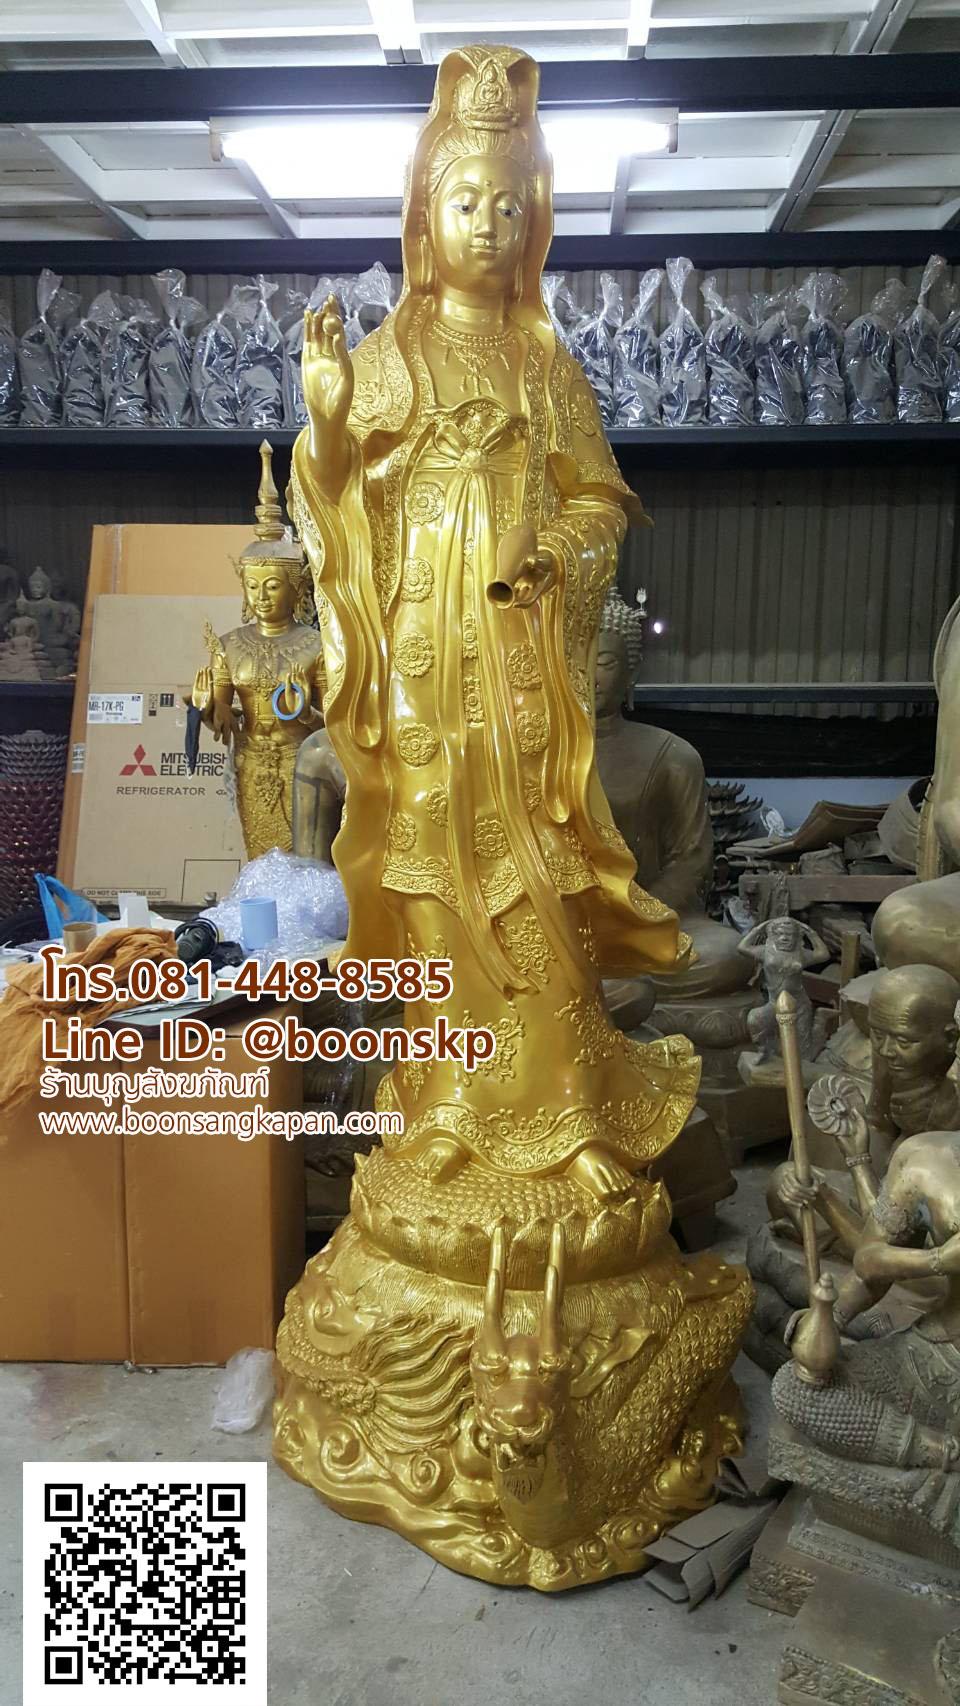 เจ้าแม่กวนอิม ยืน 25 นิ้ว ทองเหลือง พ่นทอง ทรงมังกร